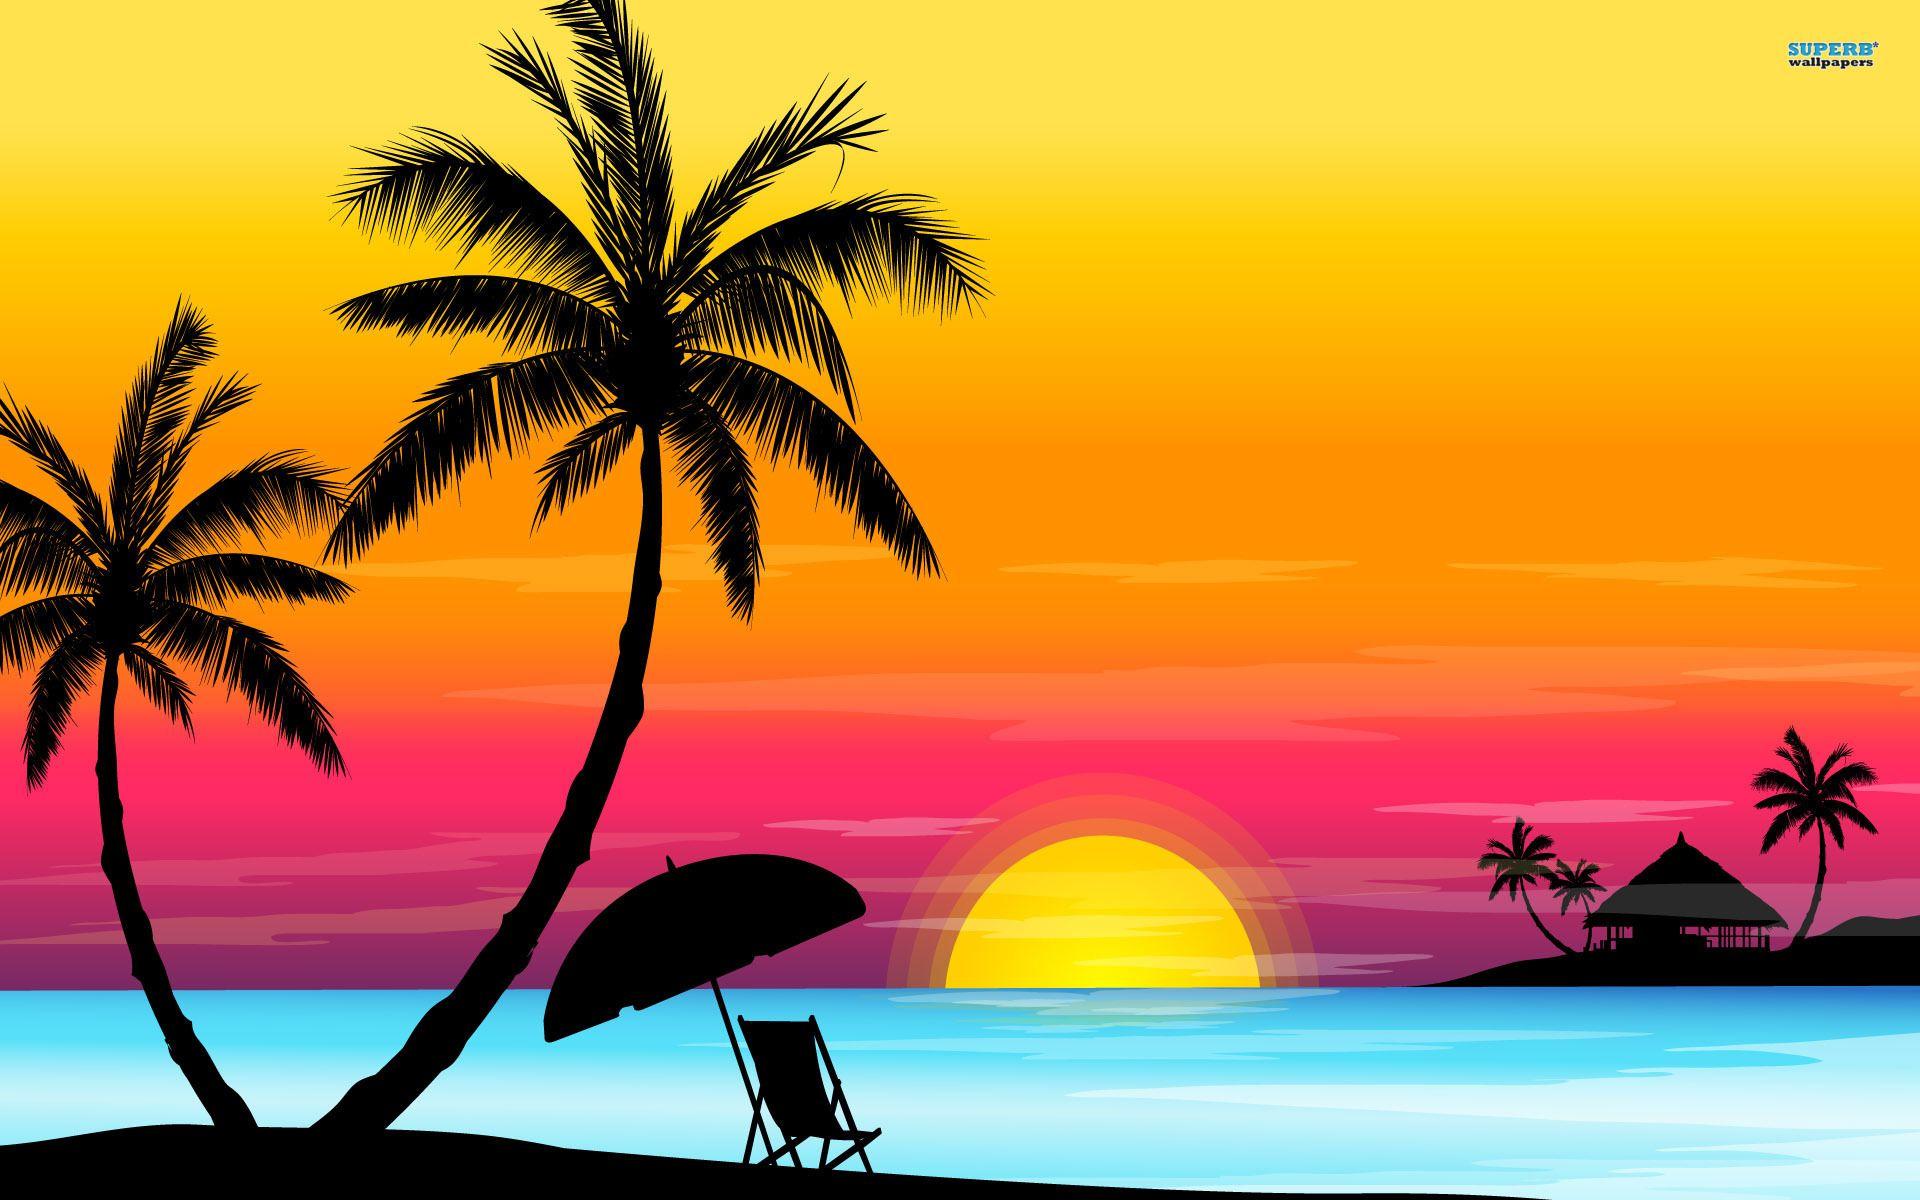 Sunset clipart sunset wallpaper. Beach background gracy pinterest